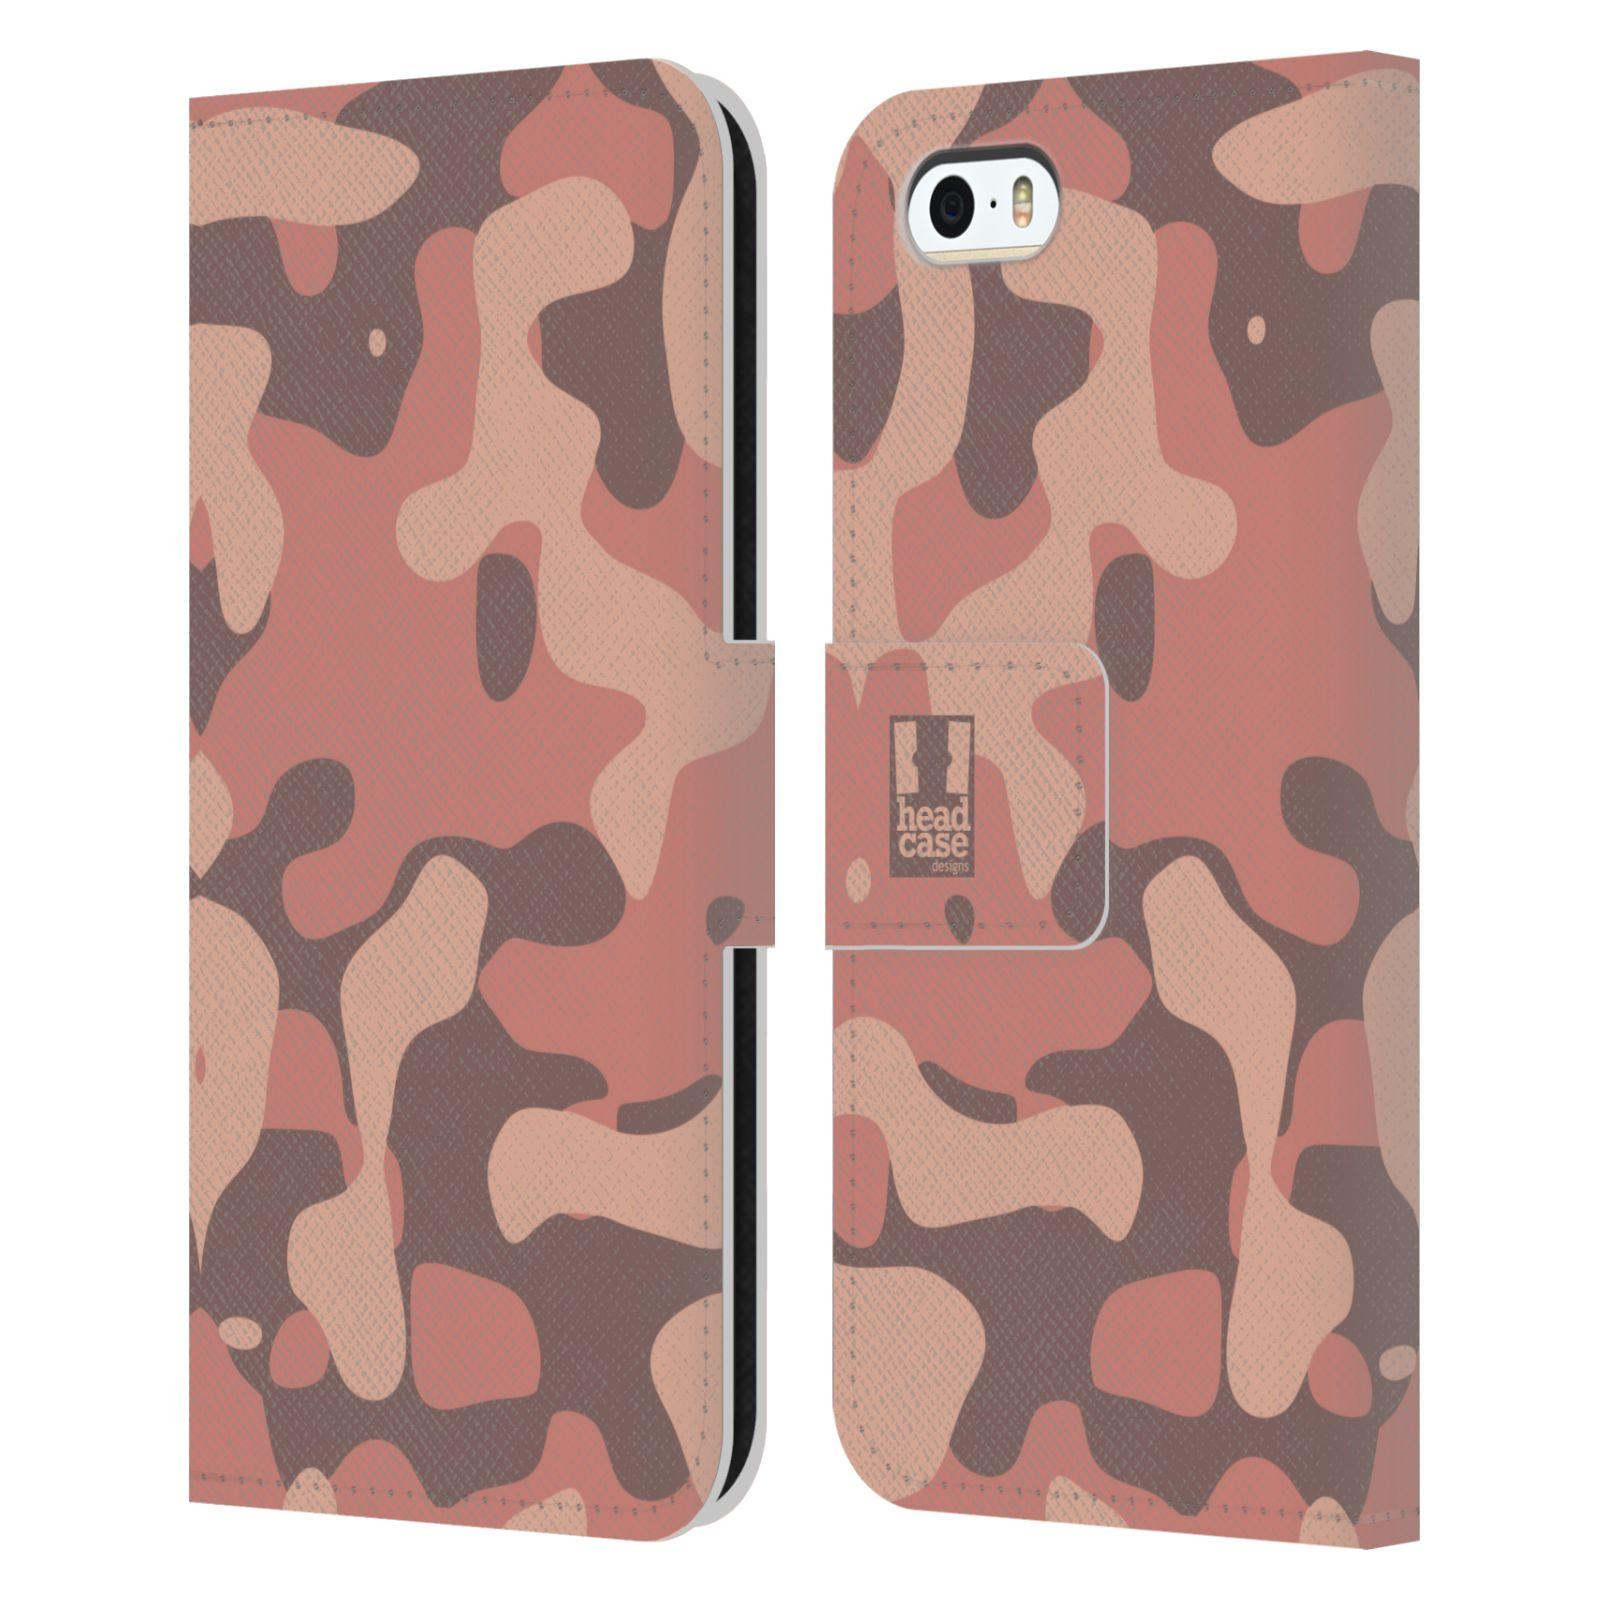 HEAD CASE Flipové pouzdro pro mobil Apple Iphone 5/5s lehká barevná kamufláž růžová, losos